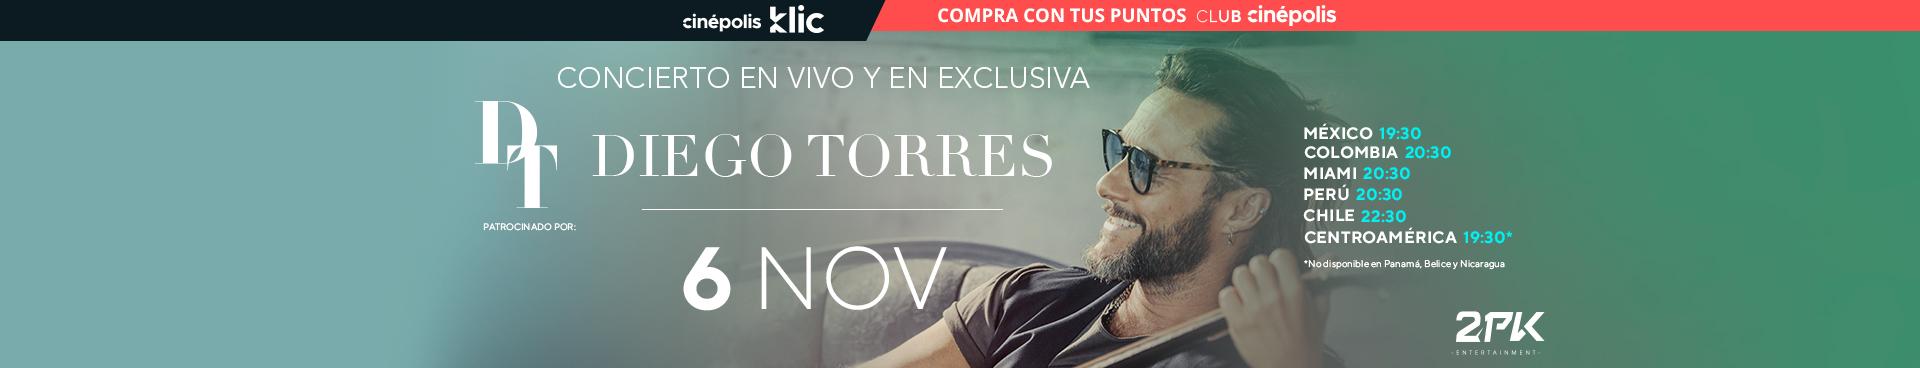 Klic Diego Torres